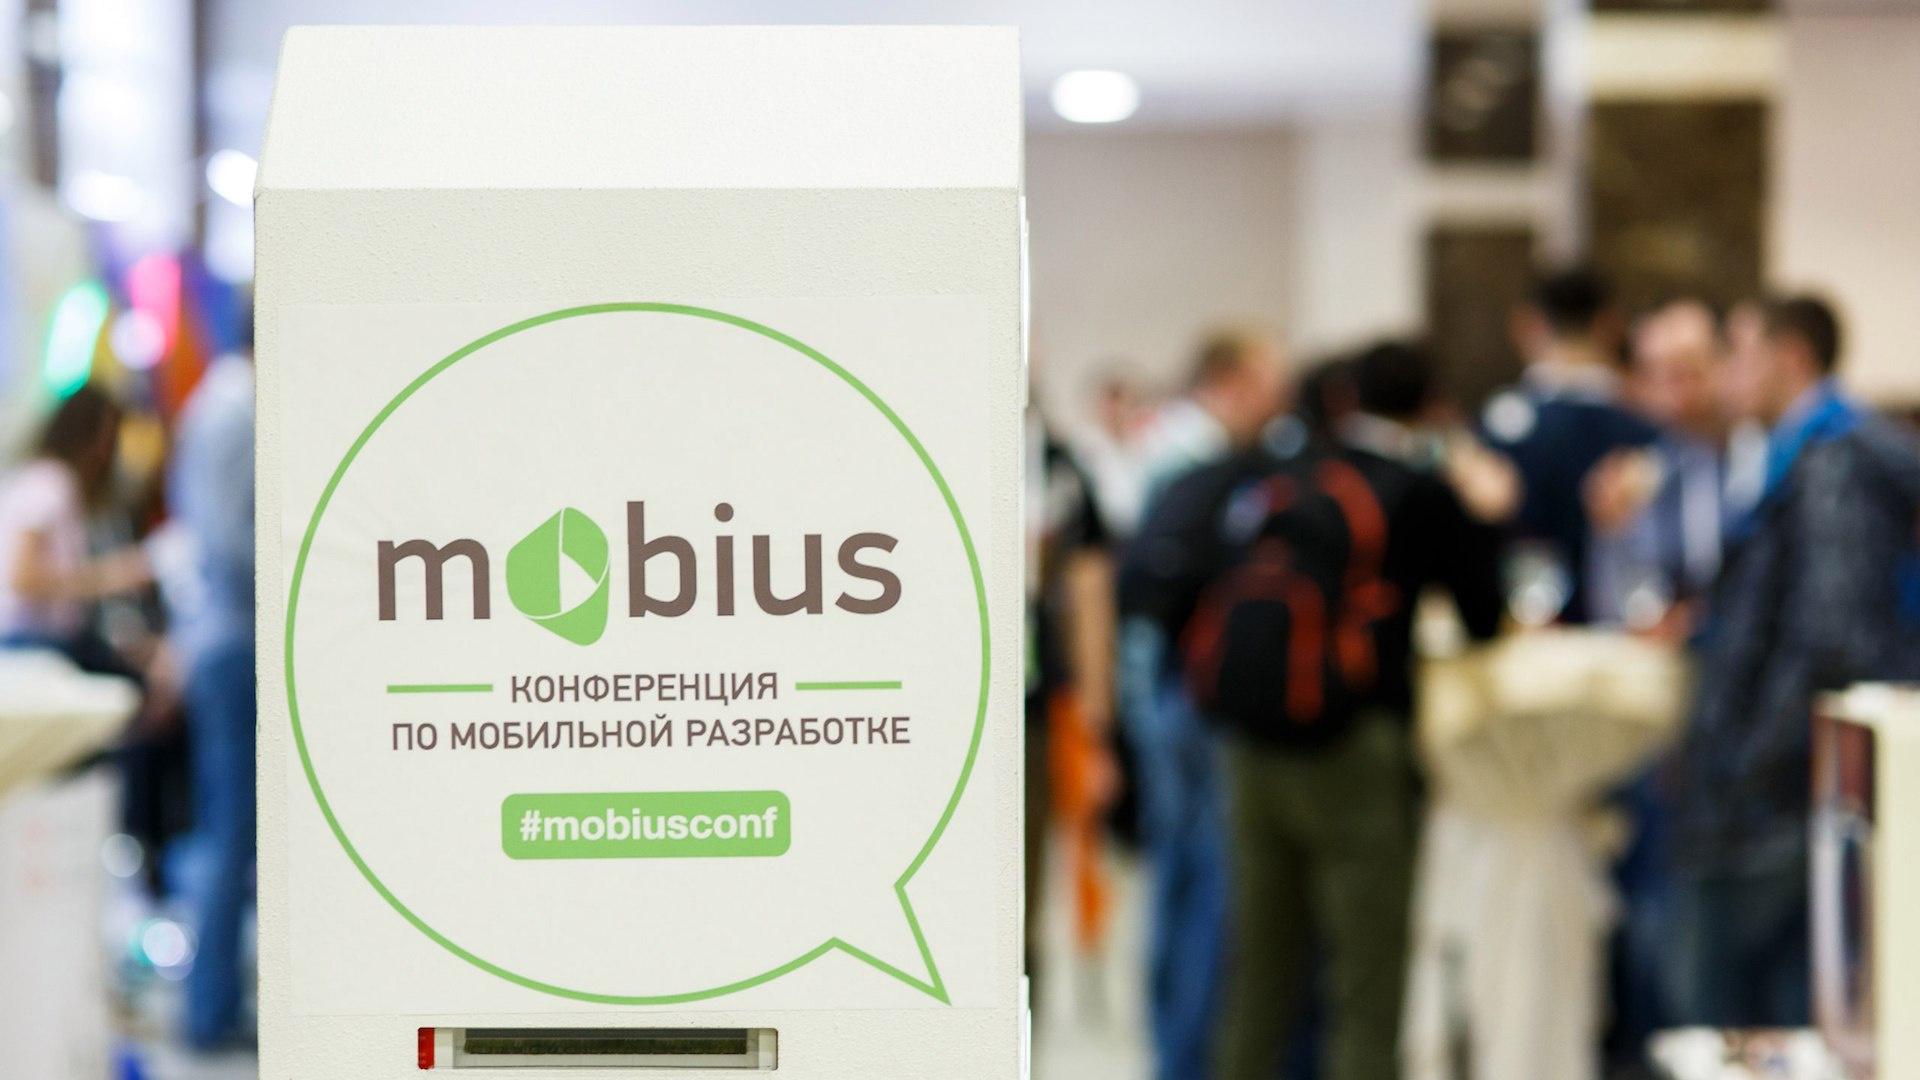 Анонс Mobius 2017 Moscow: покорение Москвы